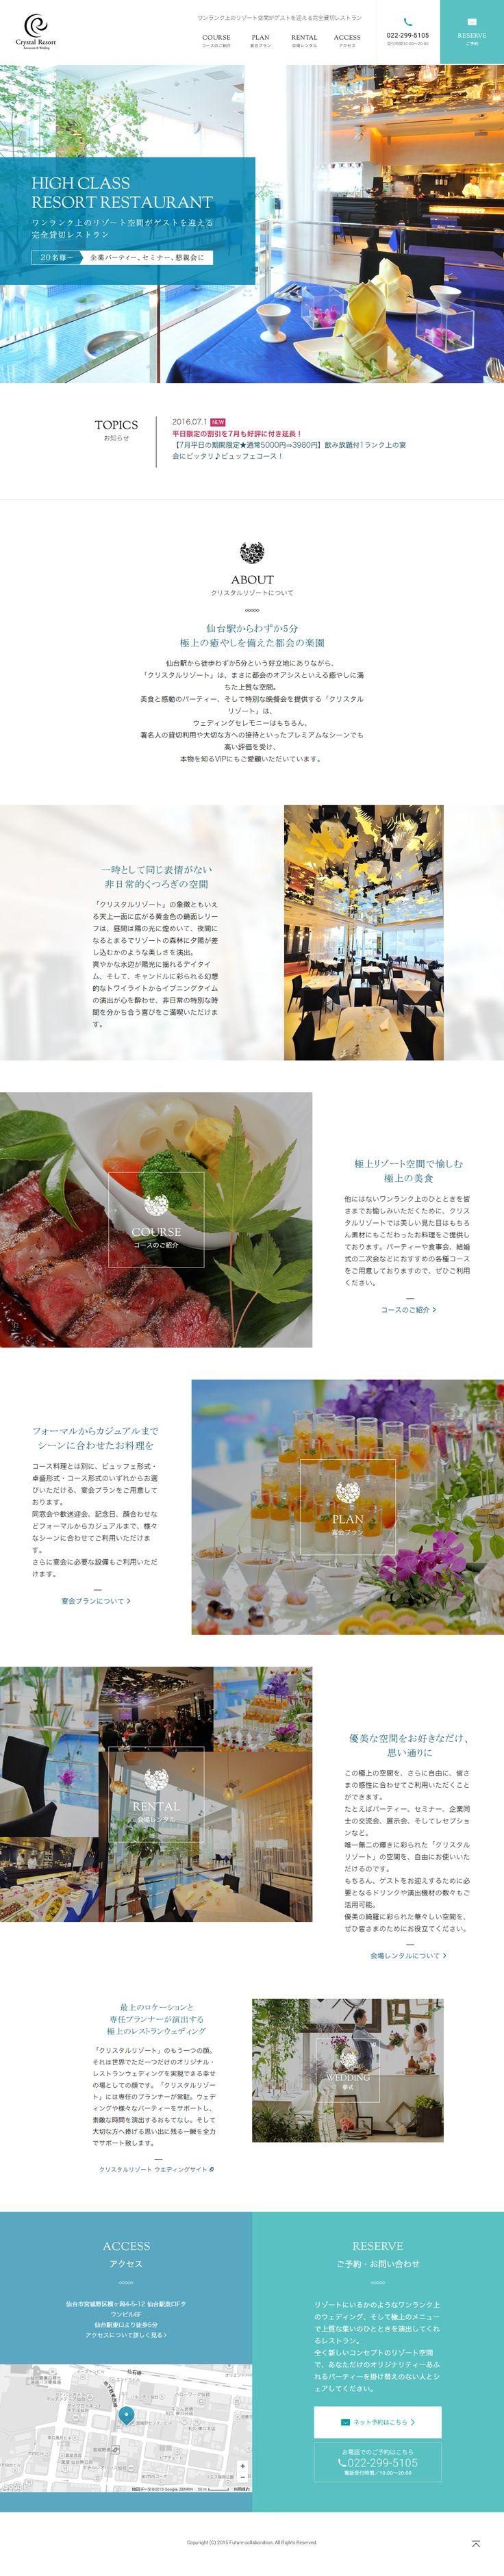 仙台の極上リゾートレストラン【クリスタルリゾート】 http://www.crystal-resort.jp/restaurant/